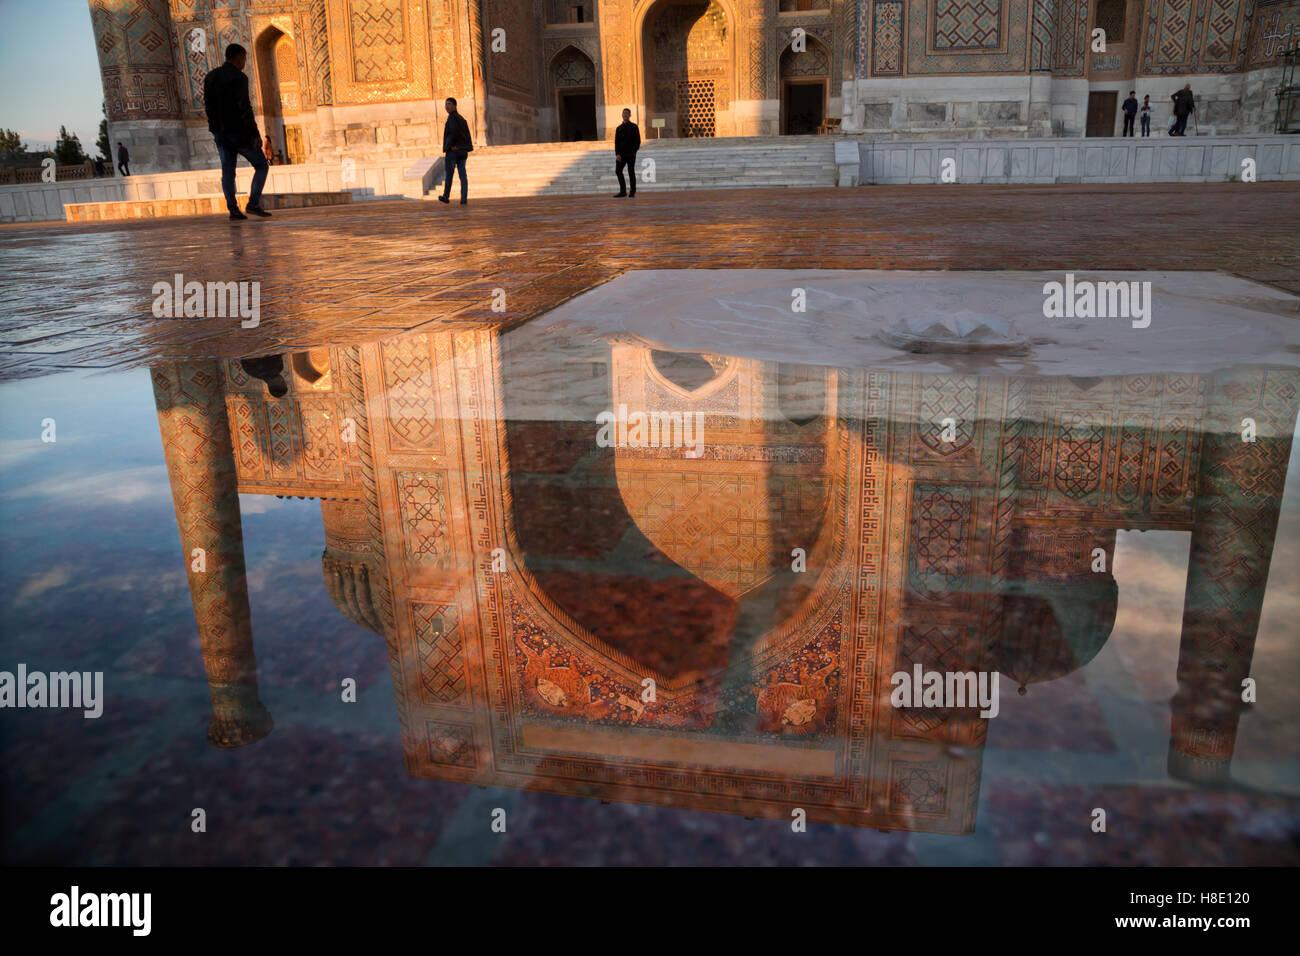 Spiegelung des Wassers der Registan Architektur bei Sonnenuntergang, Samarkand, Usbekistan Stockbild